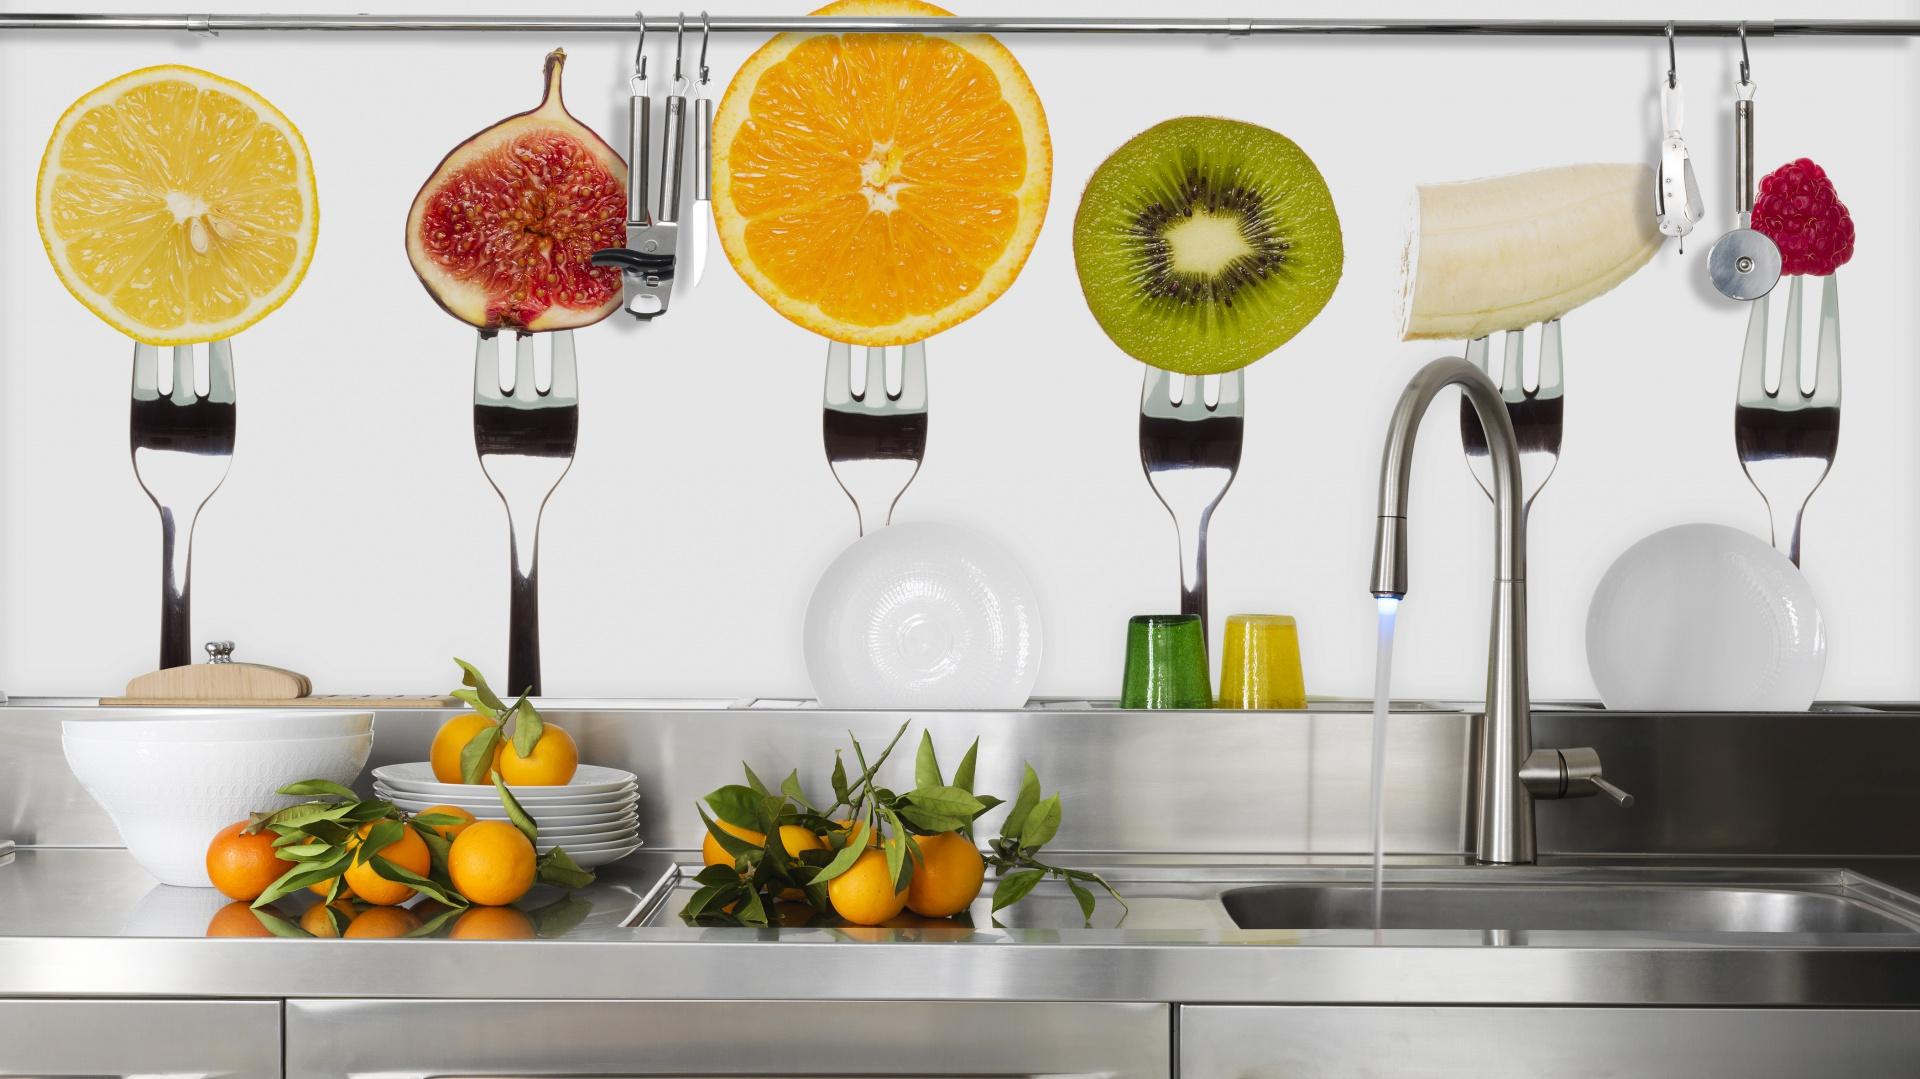 Jaki motyw fototapety będzie lepszy do kuchni niż smakowite owoce na widelcach? Owocowa feria barw ożywia wnętrze i zaostrza apetyt. Fot. Dekornik.pl.